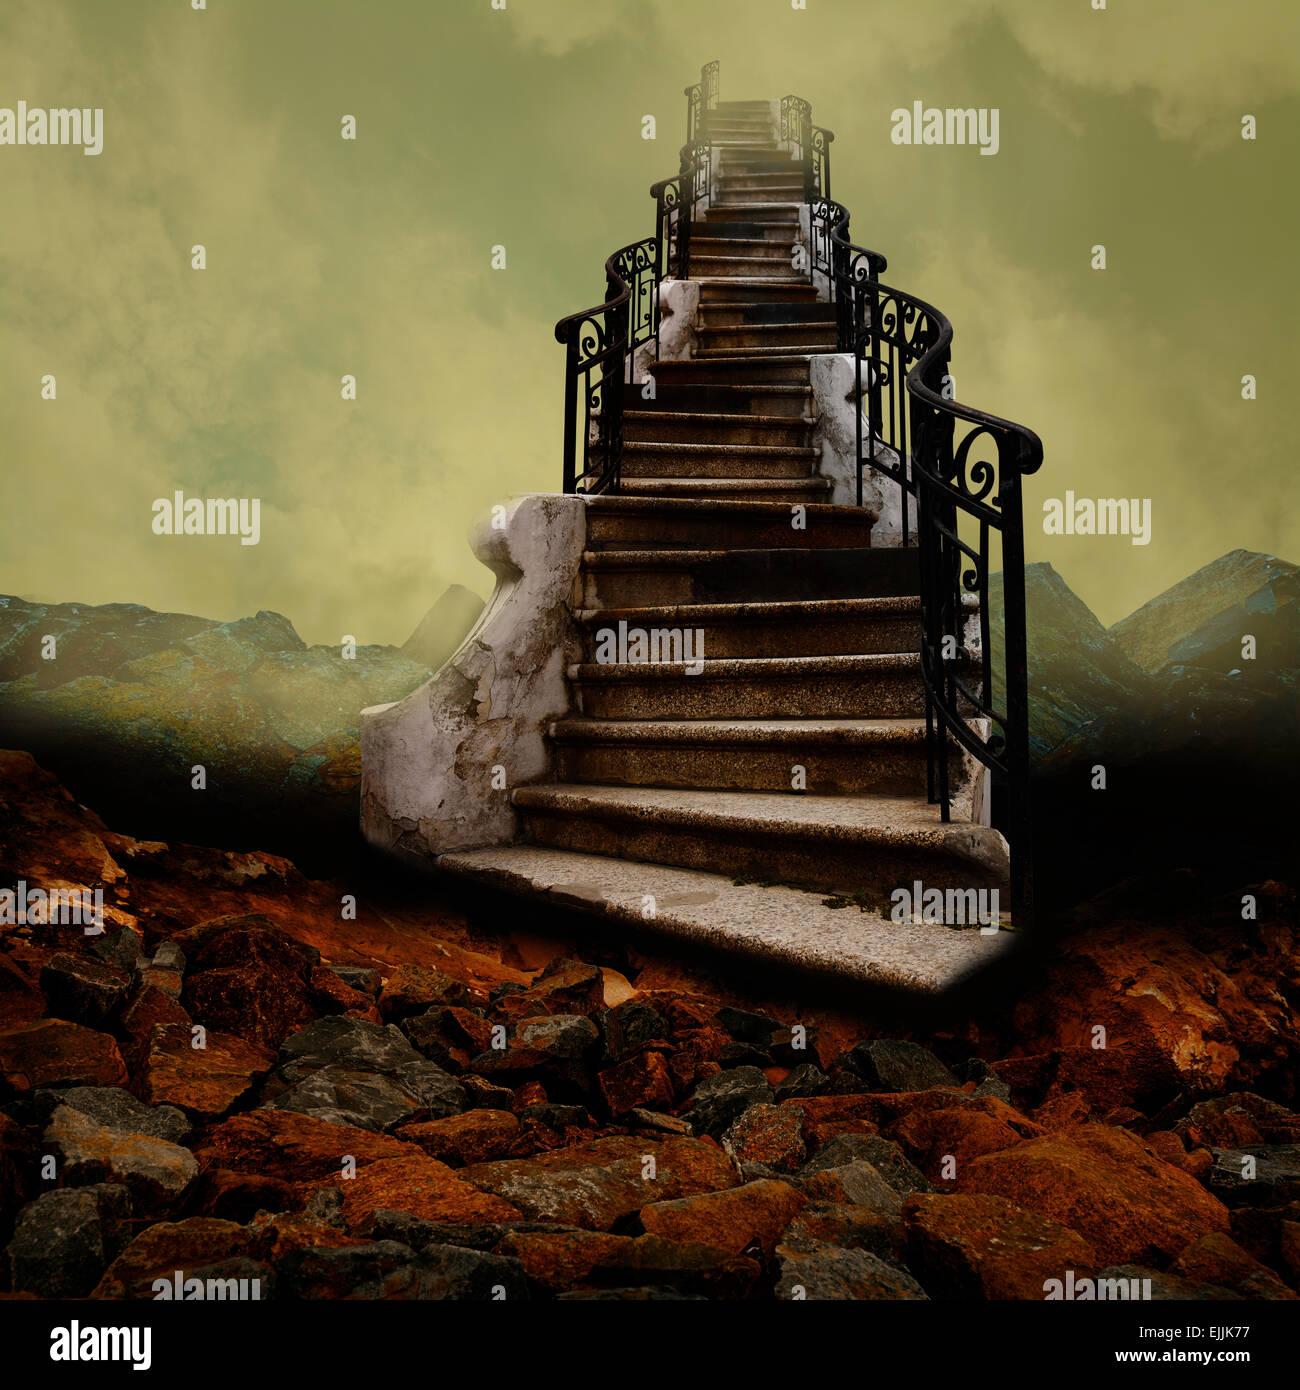 Surreale Treppe in Richtung des Himmels, wie einem alten Gemälde. Stockbild